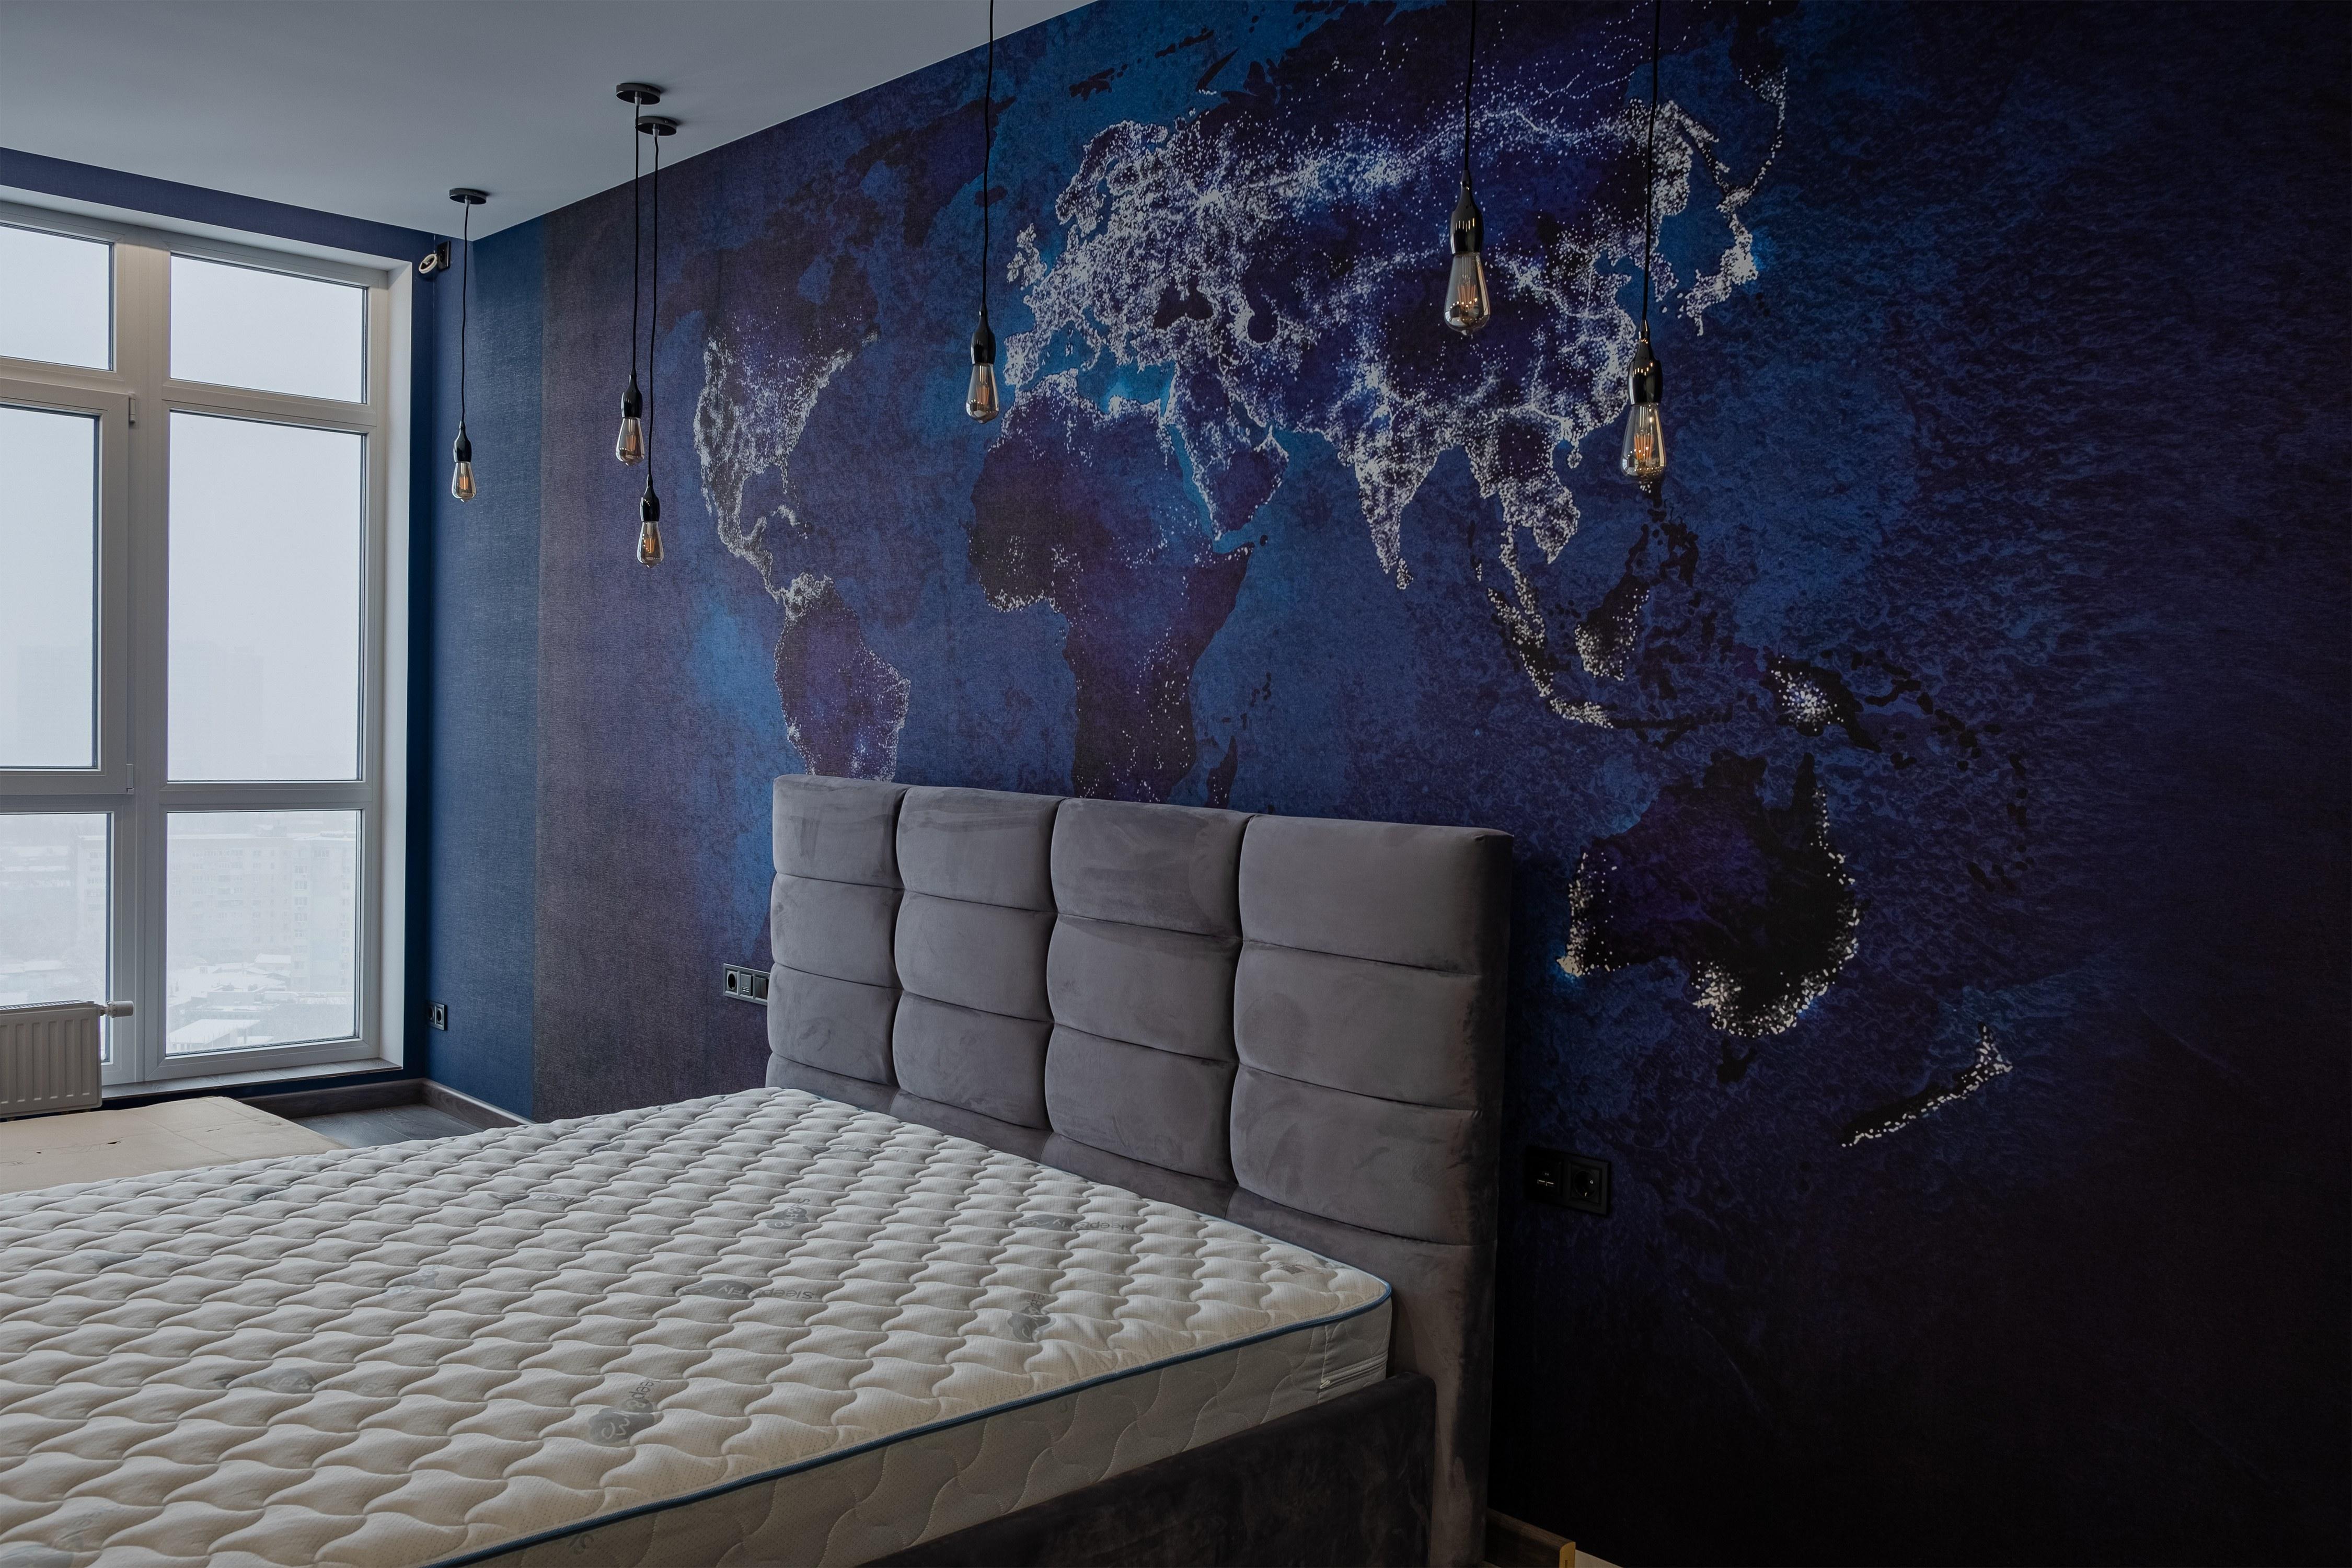 Спальня после ремонта квартиры в Одессе 4 сезона